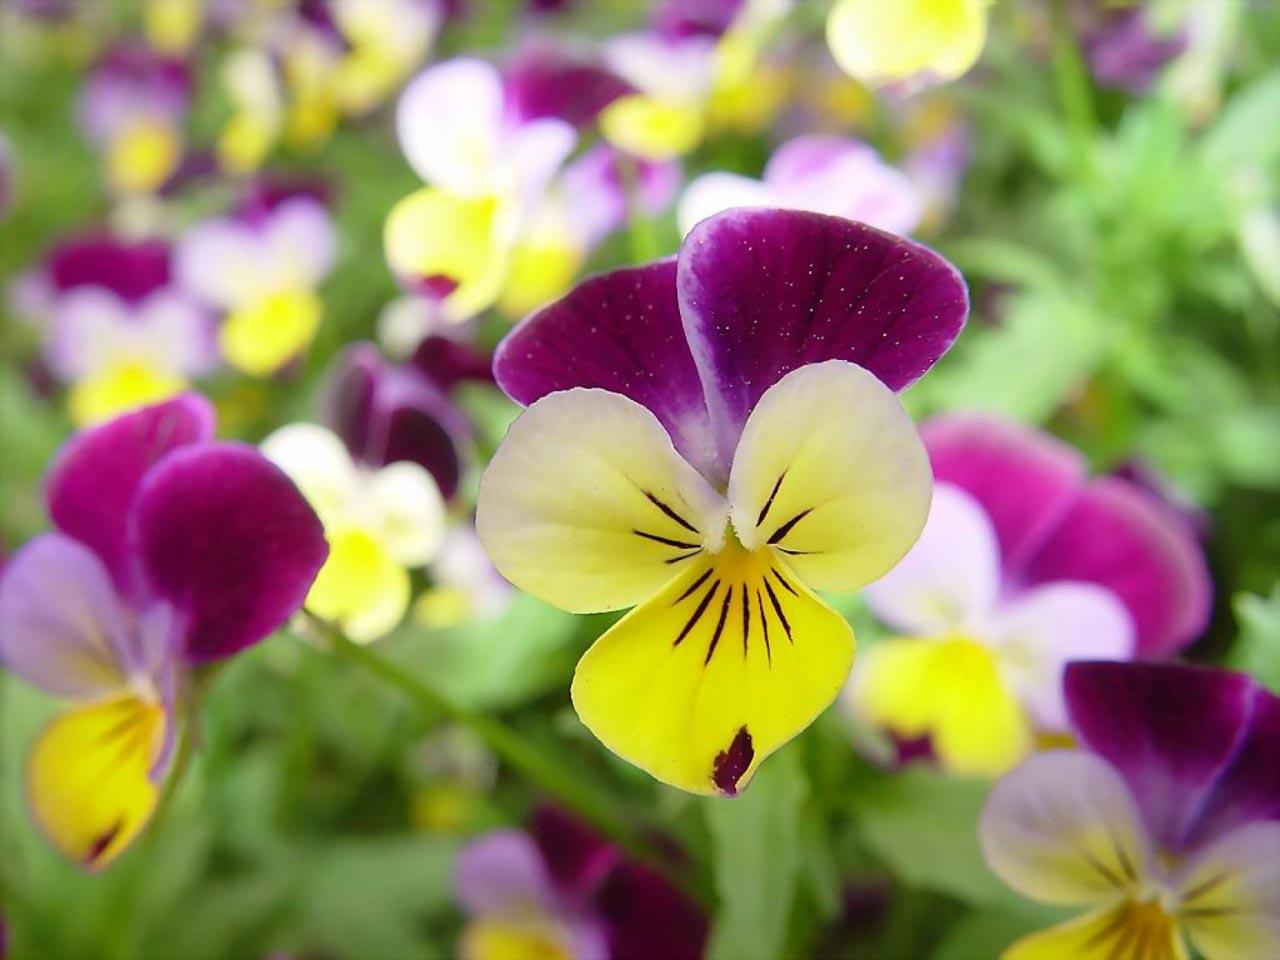 Flower Wallpaper For Computer Desktop HD Wallpapers 1280x960